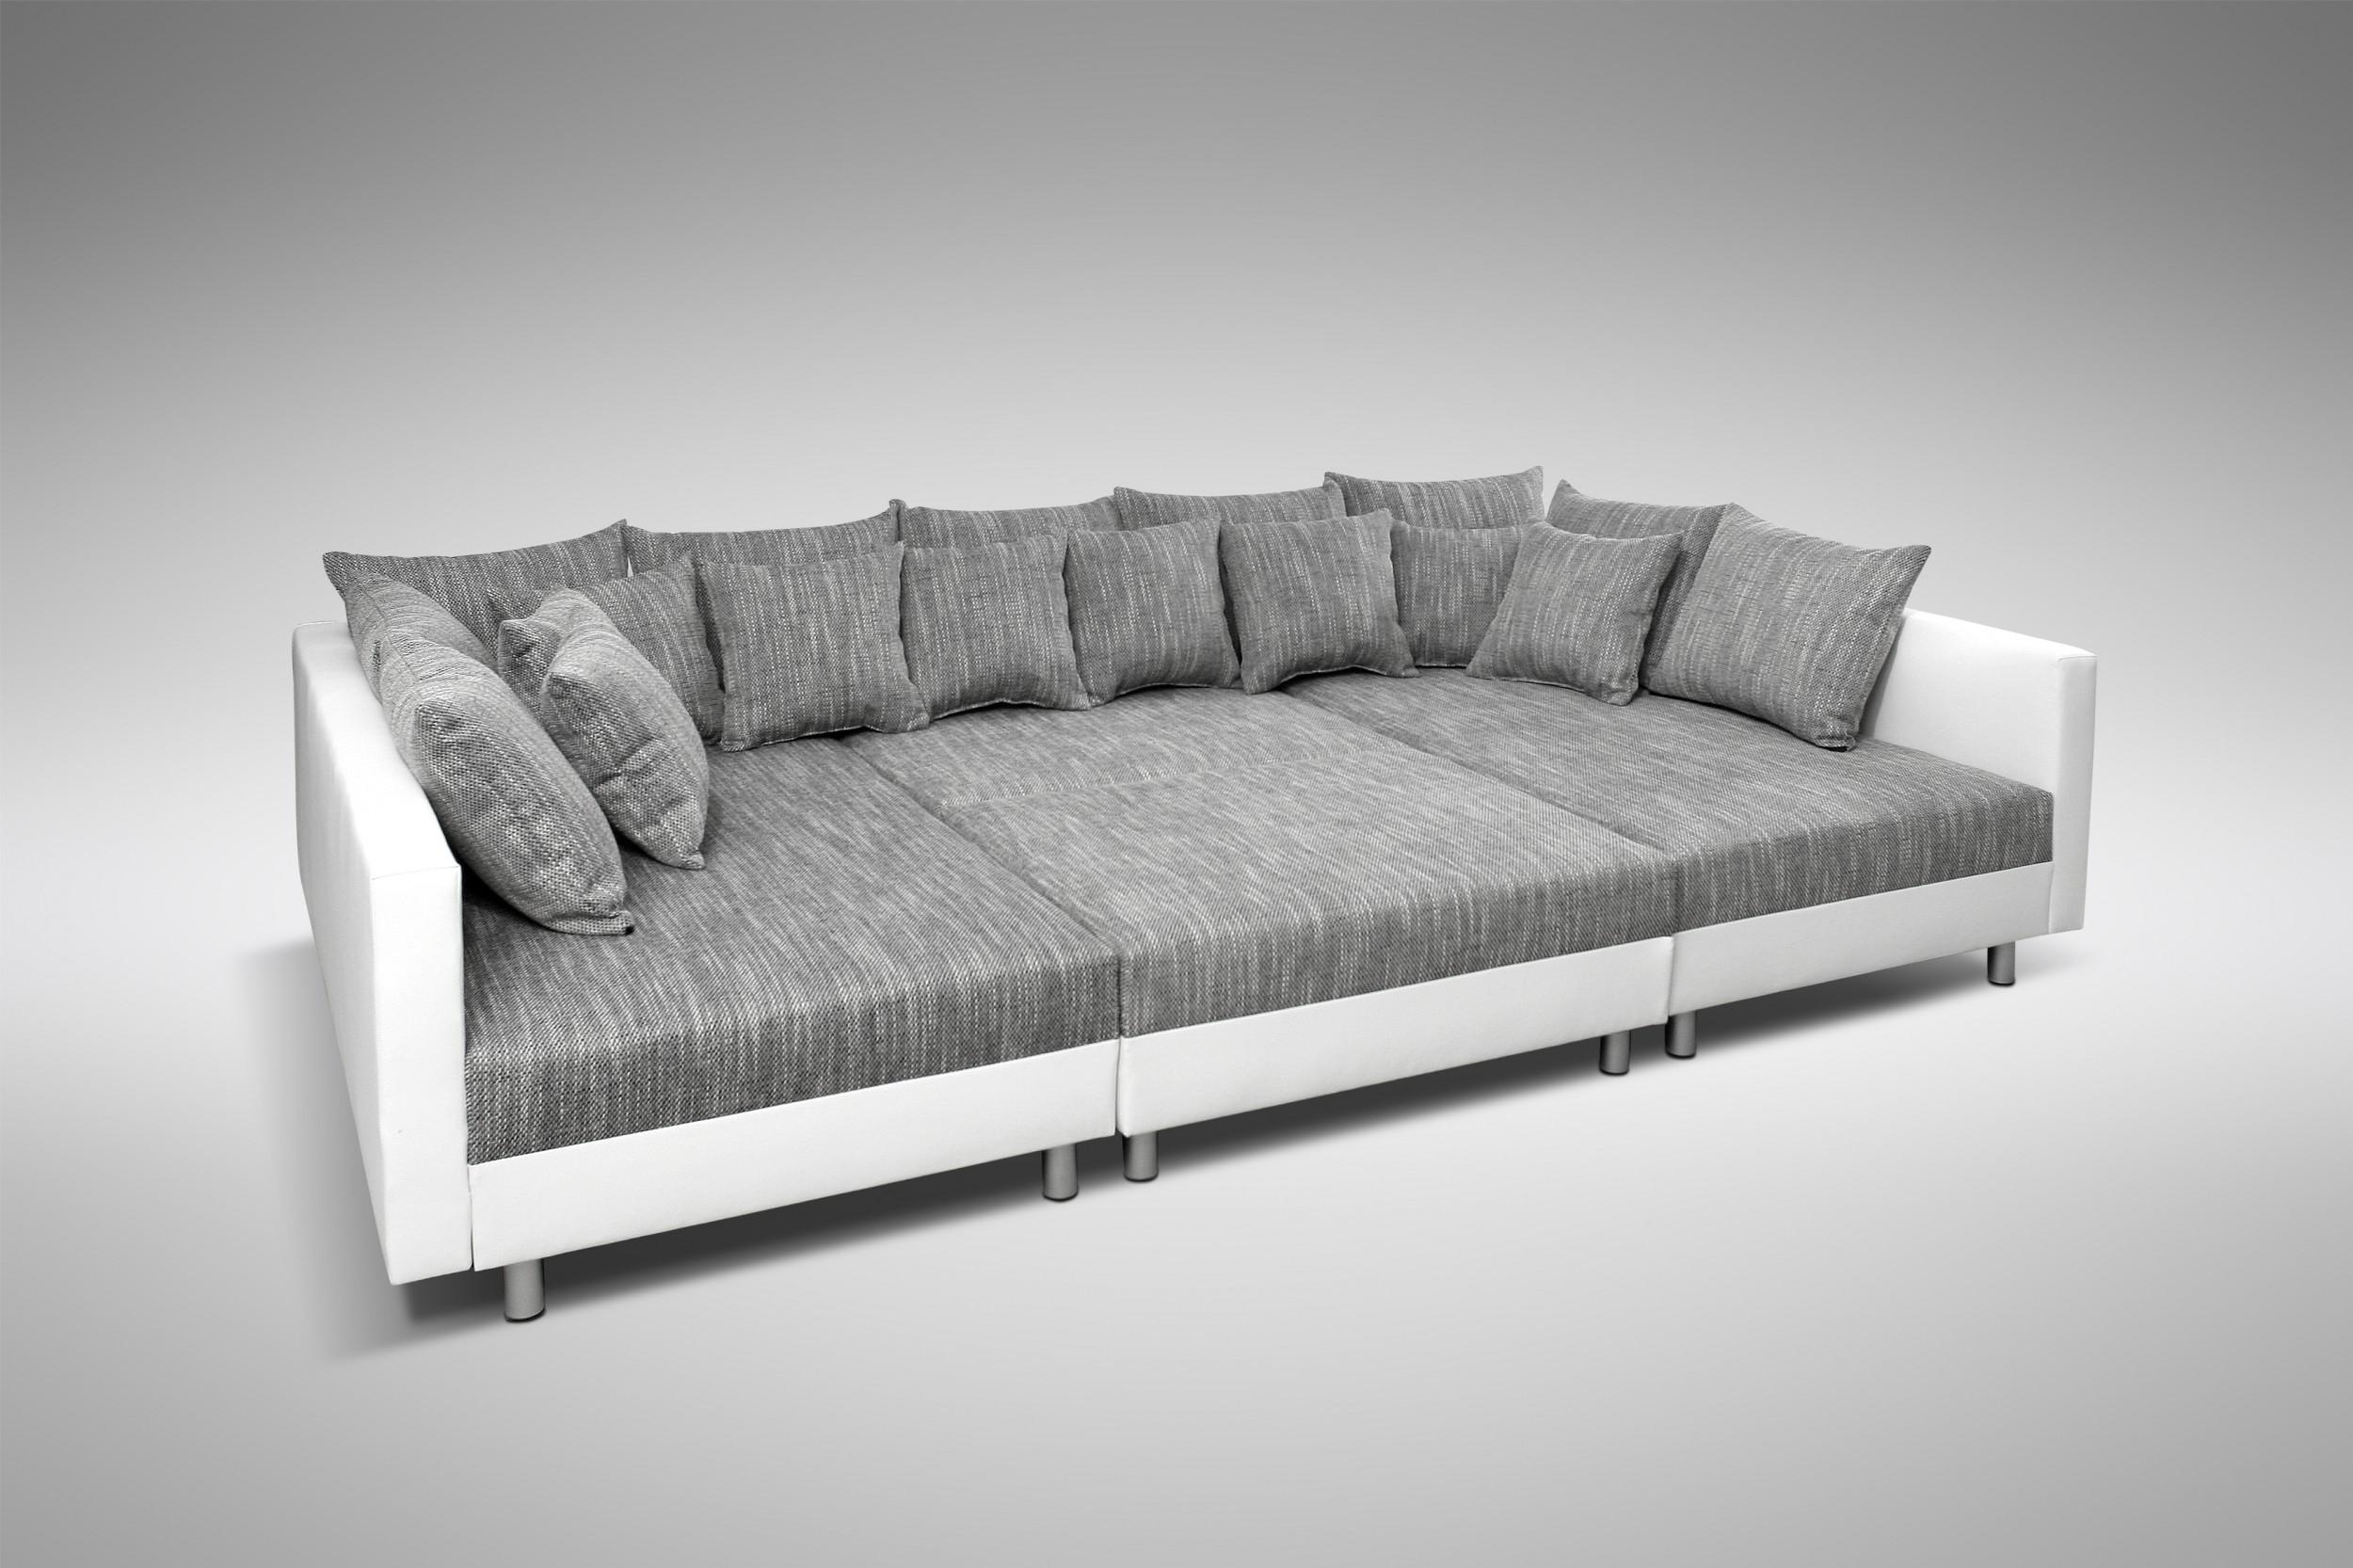 Full Size of Sofa Couch Ecksofa Eckcouch In Weiss Hellgrau Mit Aus Matratzen Schlaffunktion L Form Led Blau Schlafsofa Liegefläche 160x200 Flexform Schilling Inhofer Regal Sofa Xxl Sofa Günstig